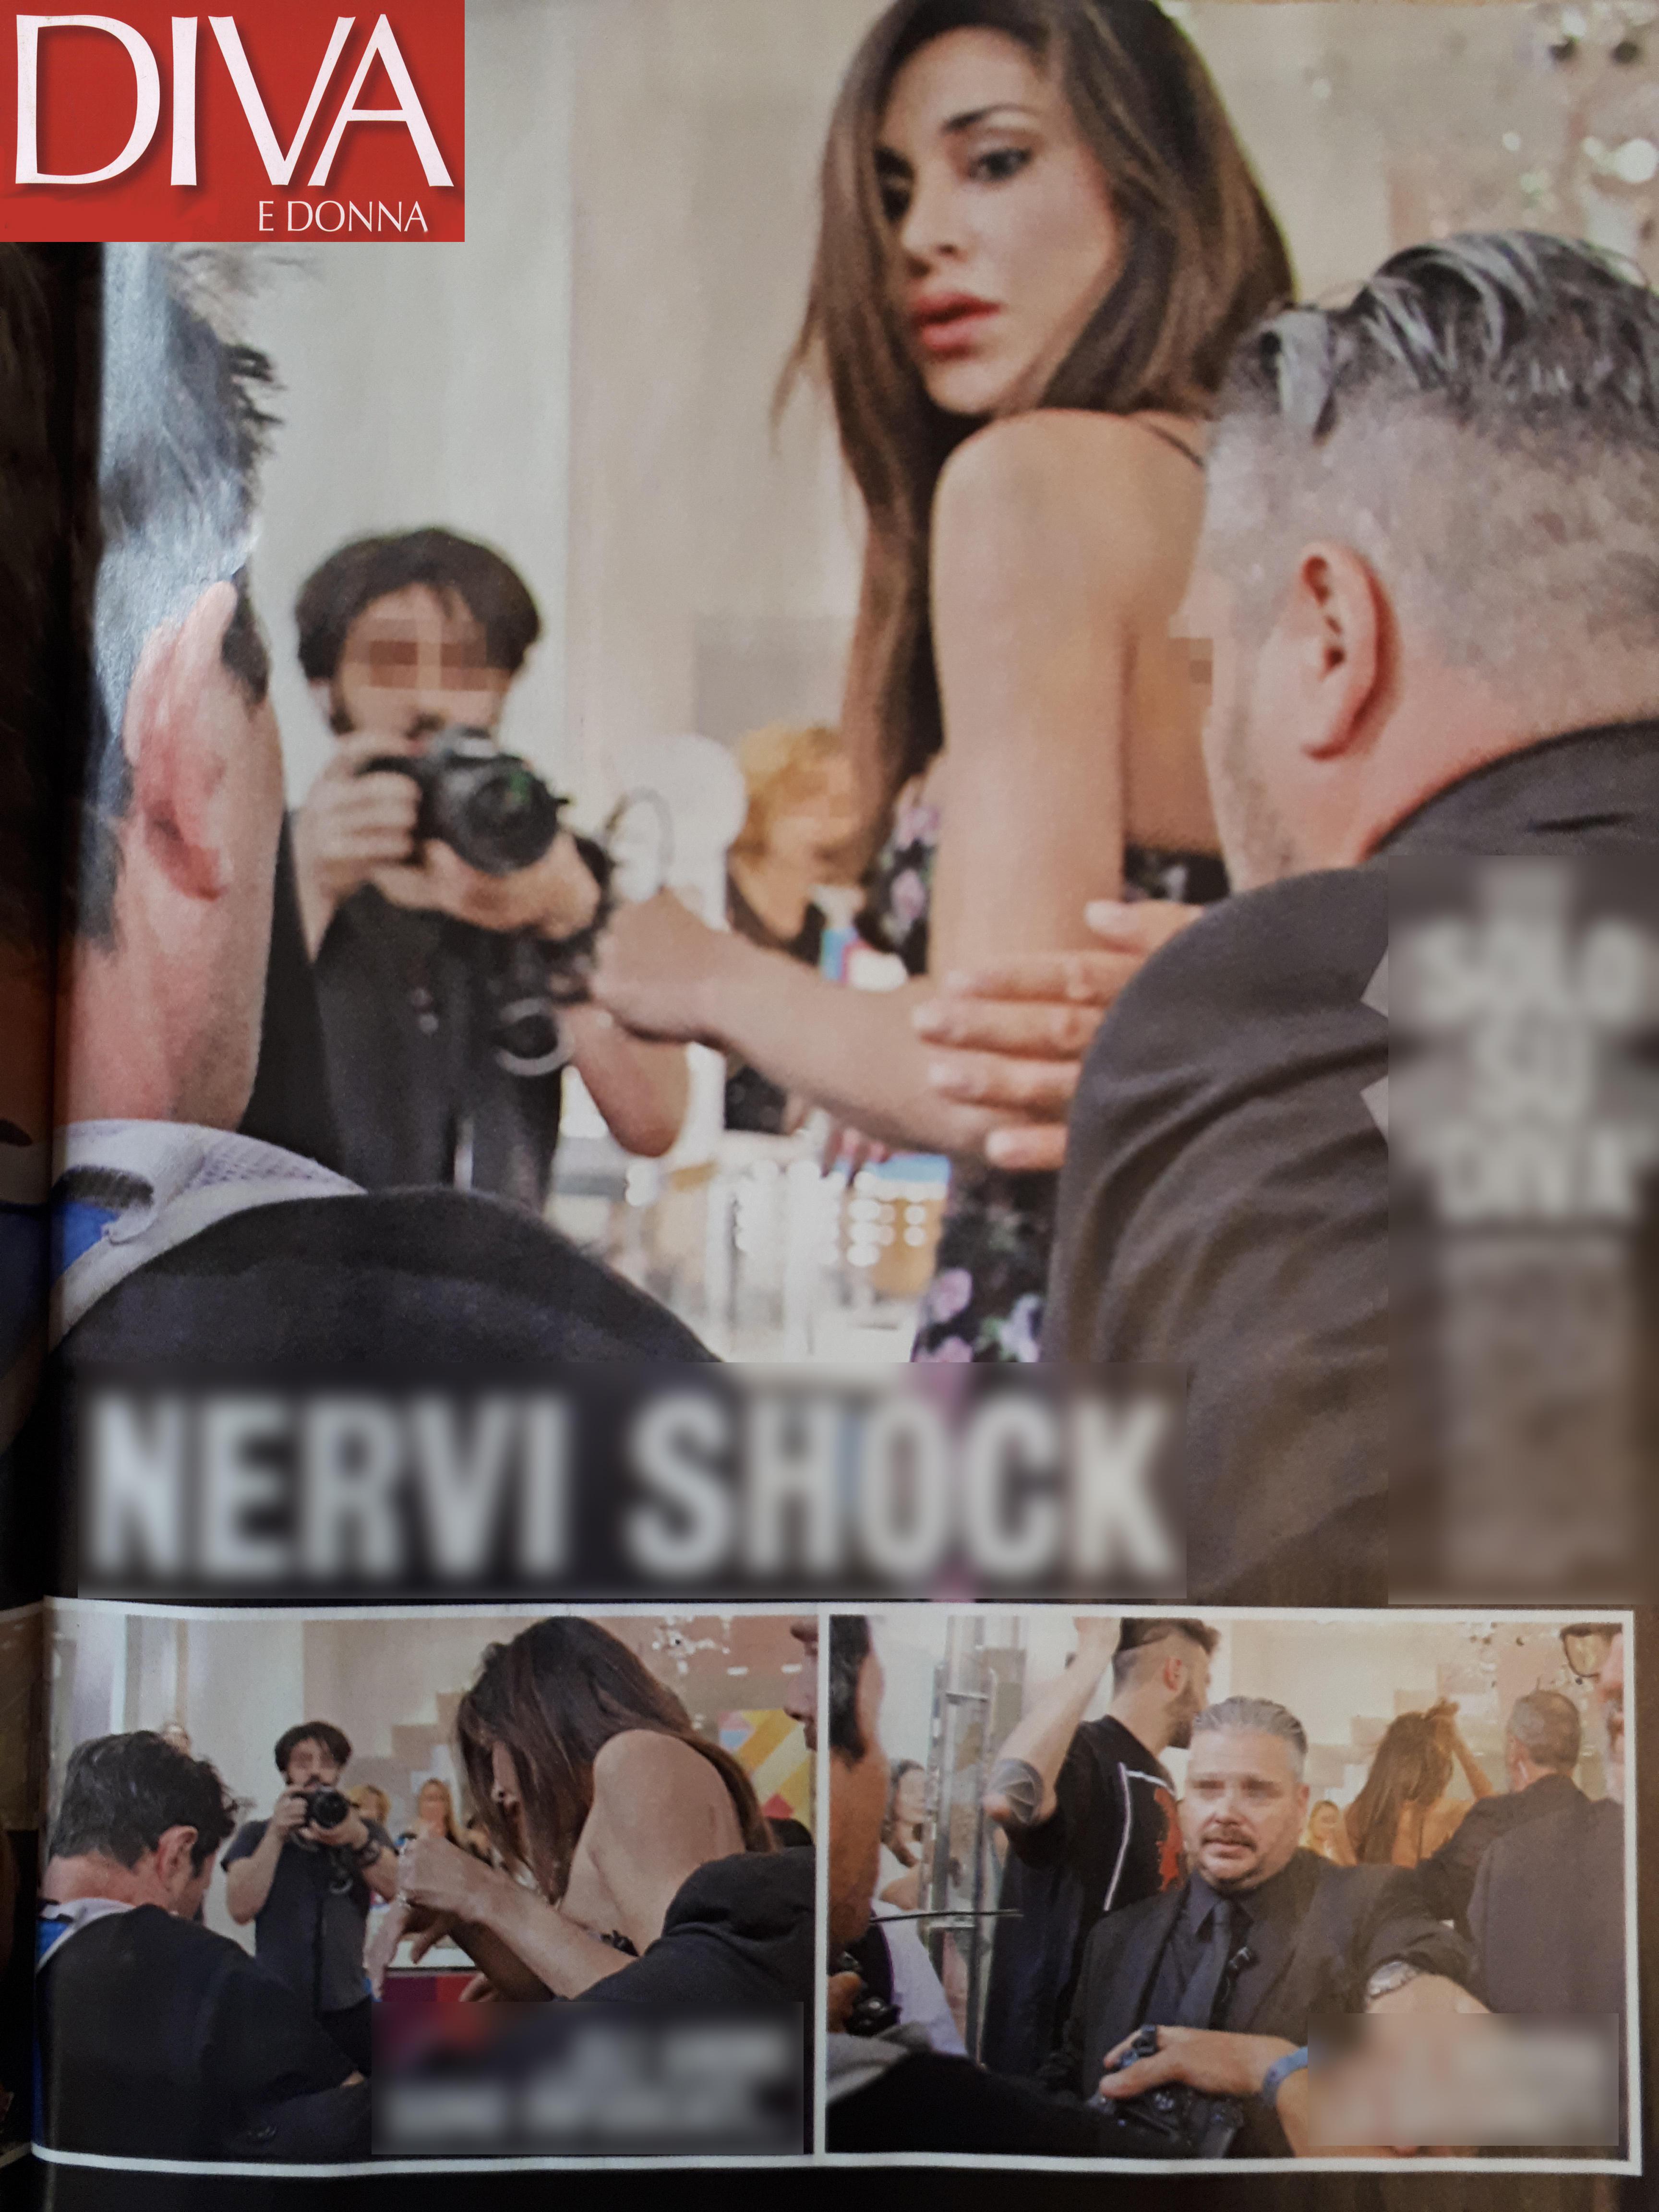 Belen s'arrabbia e strappa gli occhiali a un fotografo